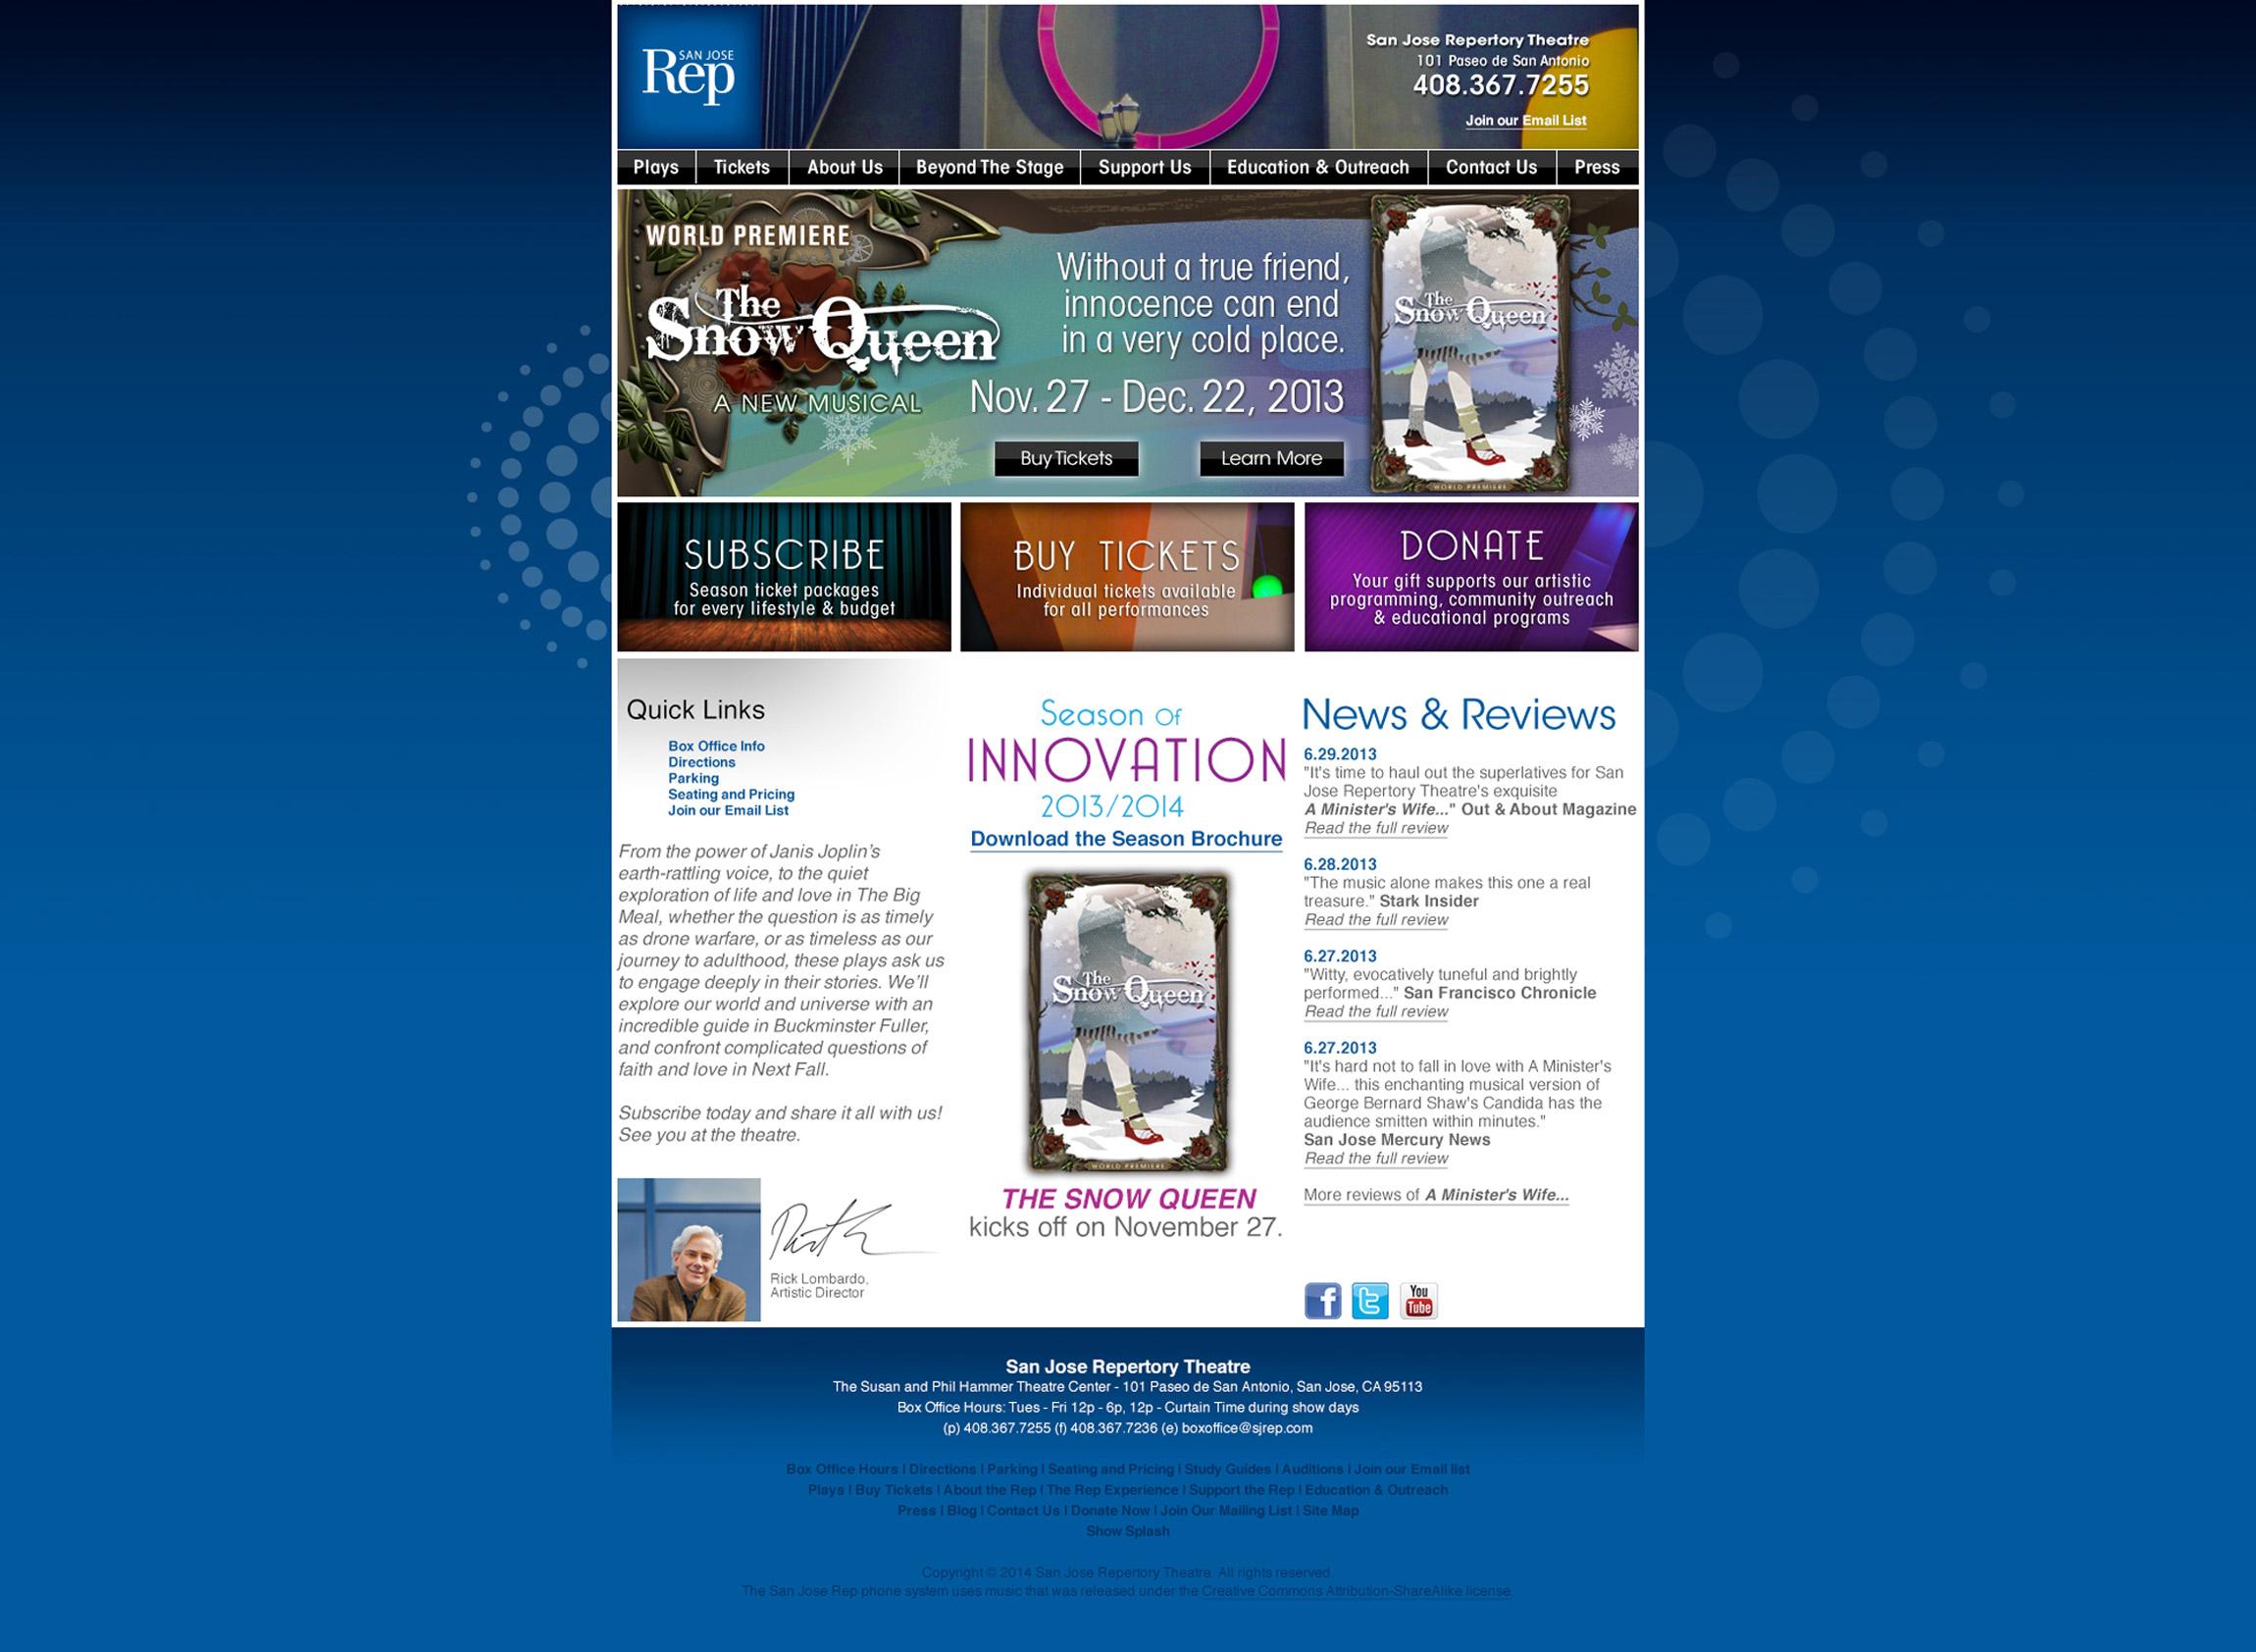 SJ Rep San Jose Repertory Website Reskin - Graphic Regime